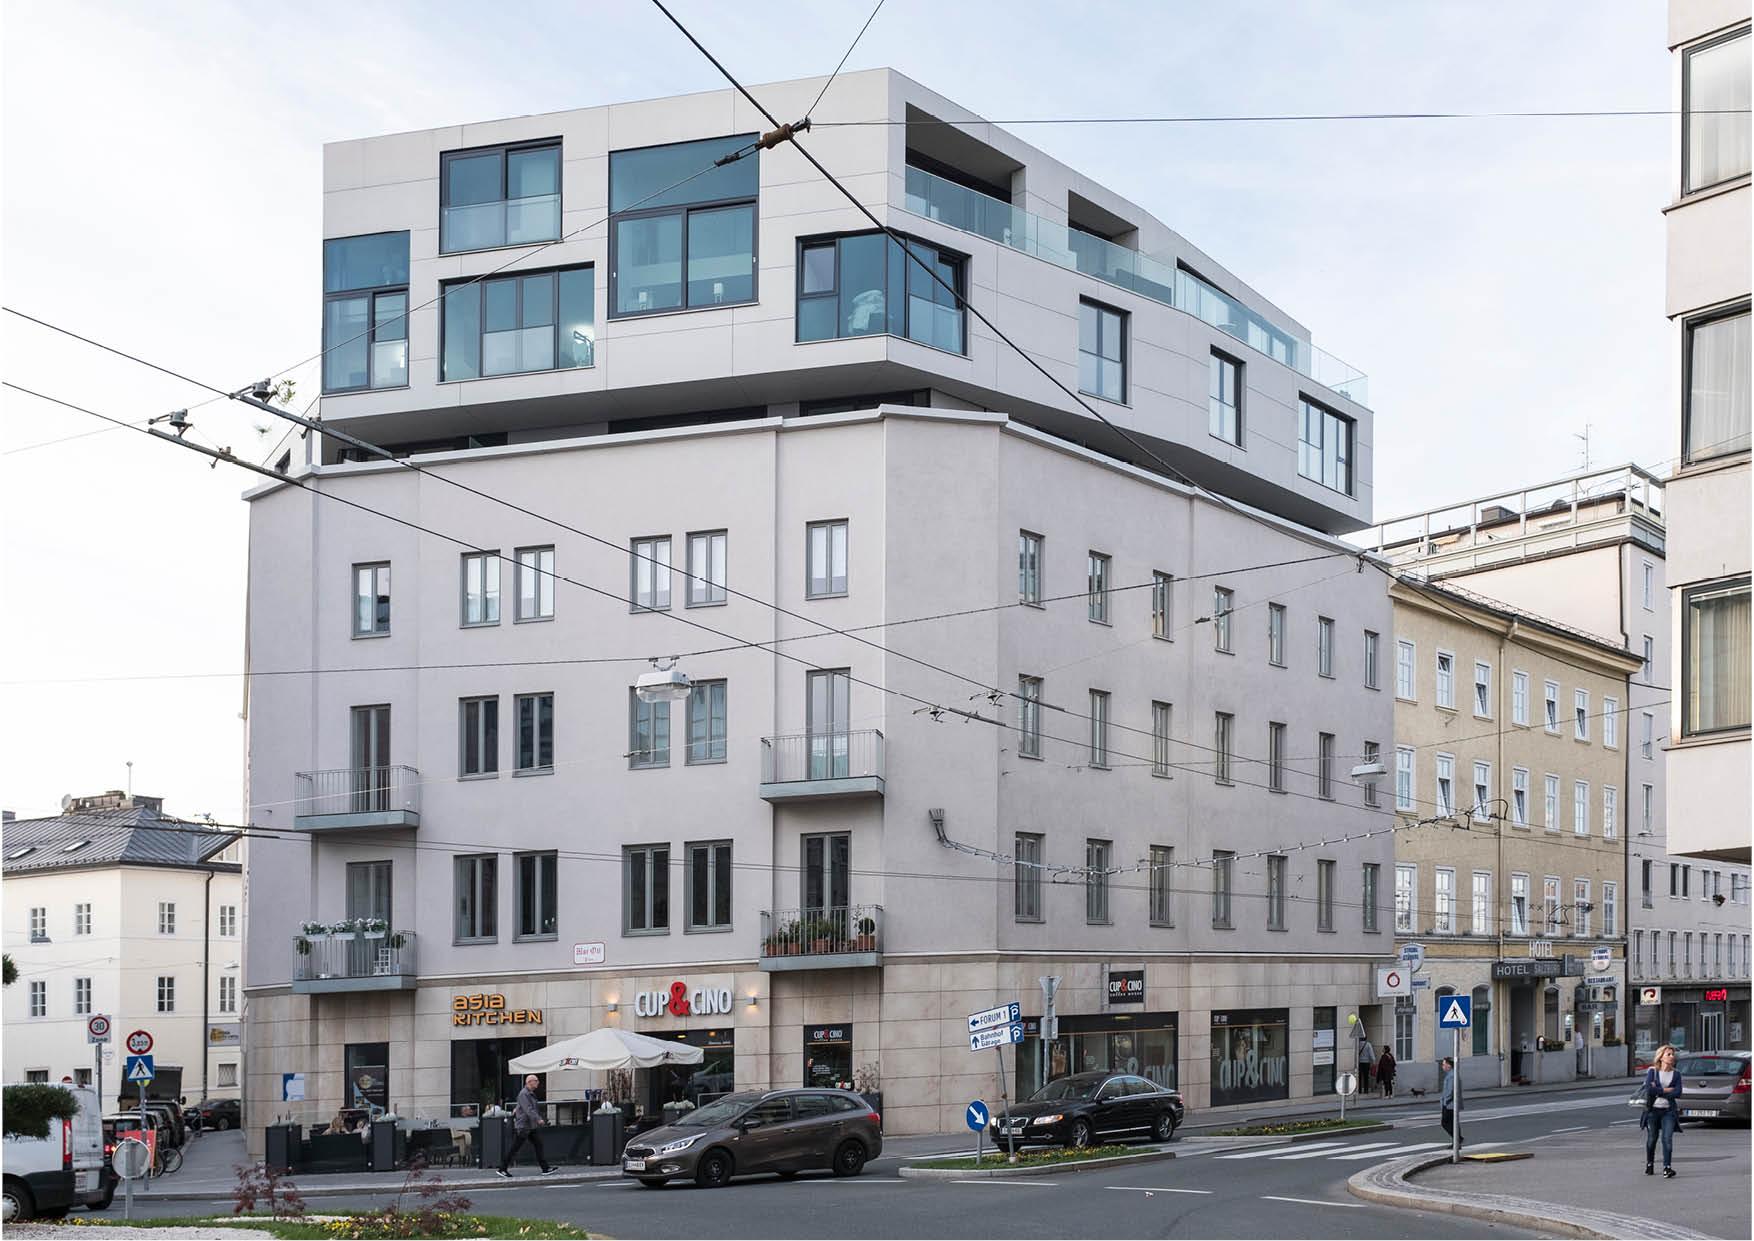 Fünfhaus17.jpg